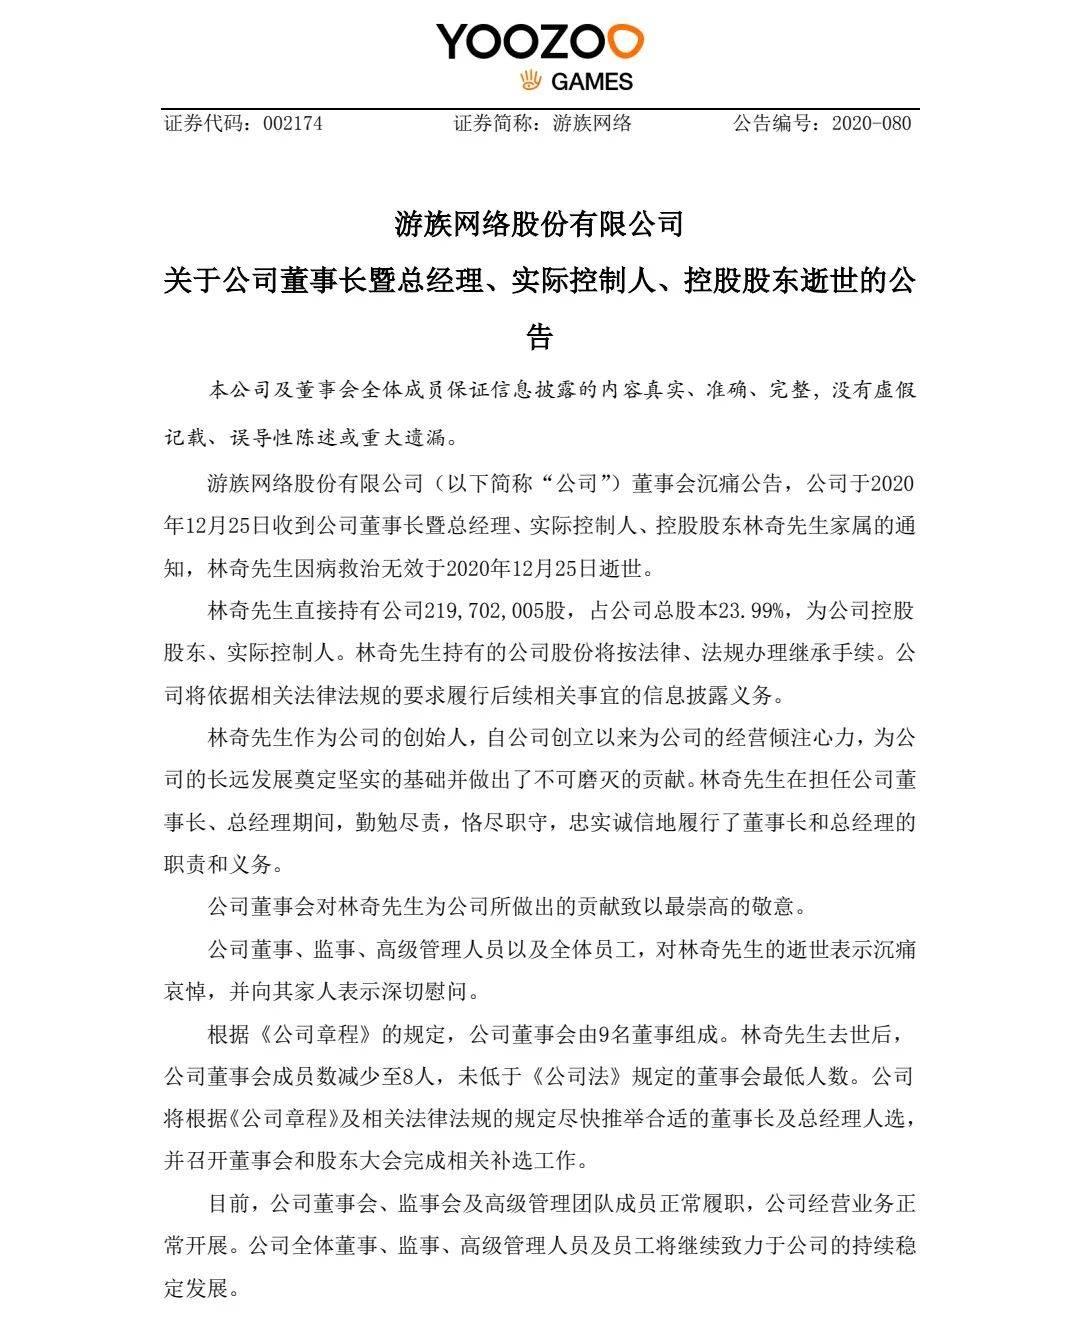 小象大鹅获B站、快手数亿融资;《晴雅集》阵法被指抄袭《奇异博士》;北京卫视官宣跨年阵容_平台